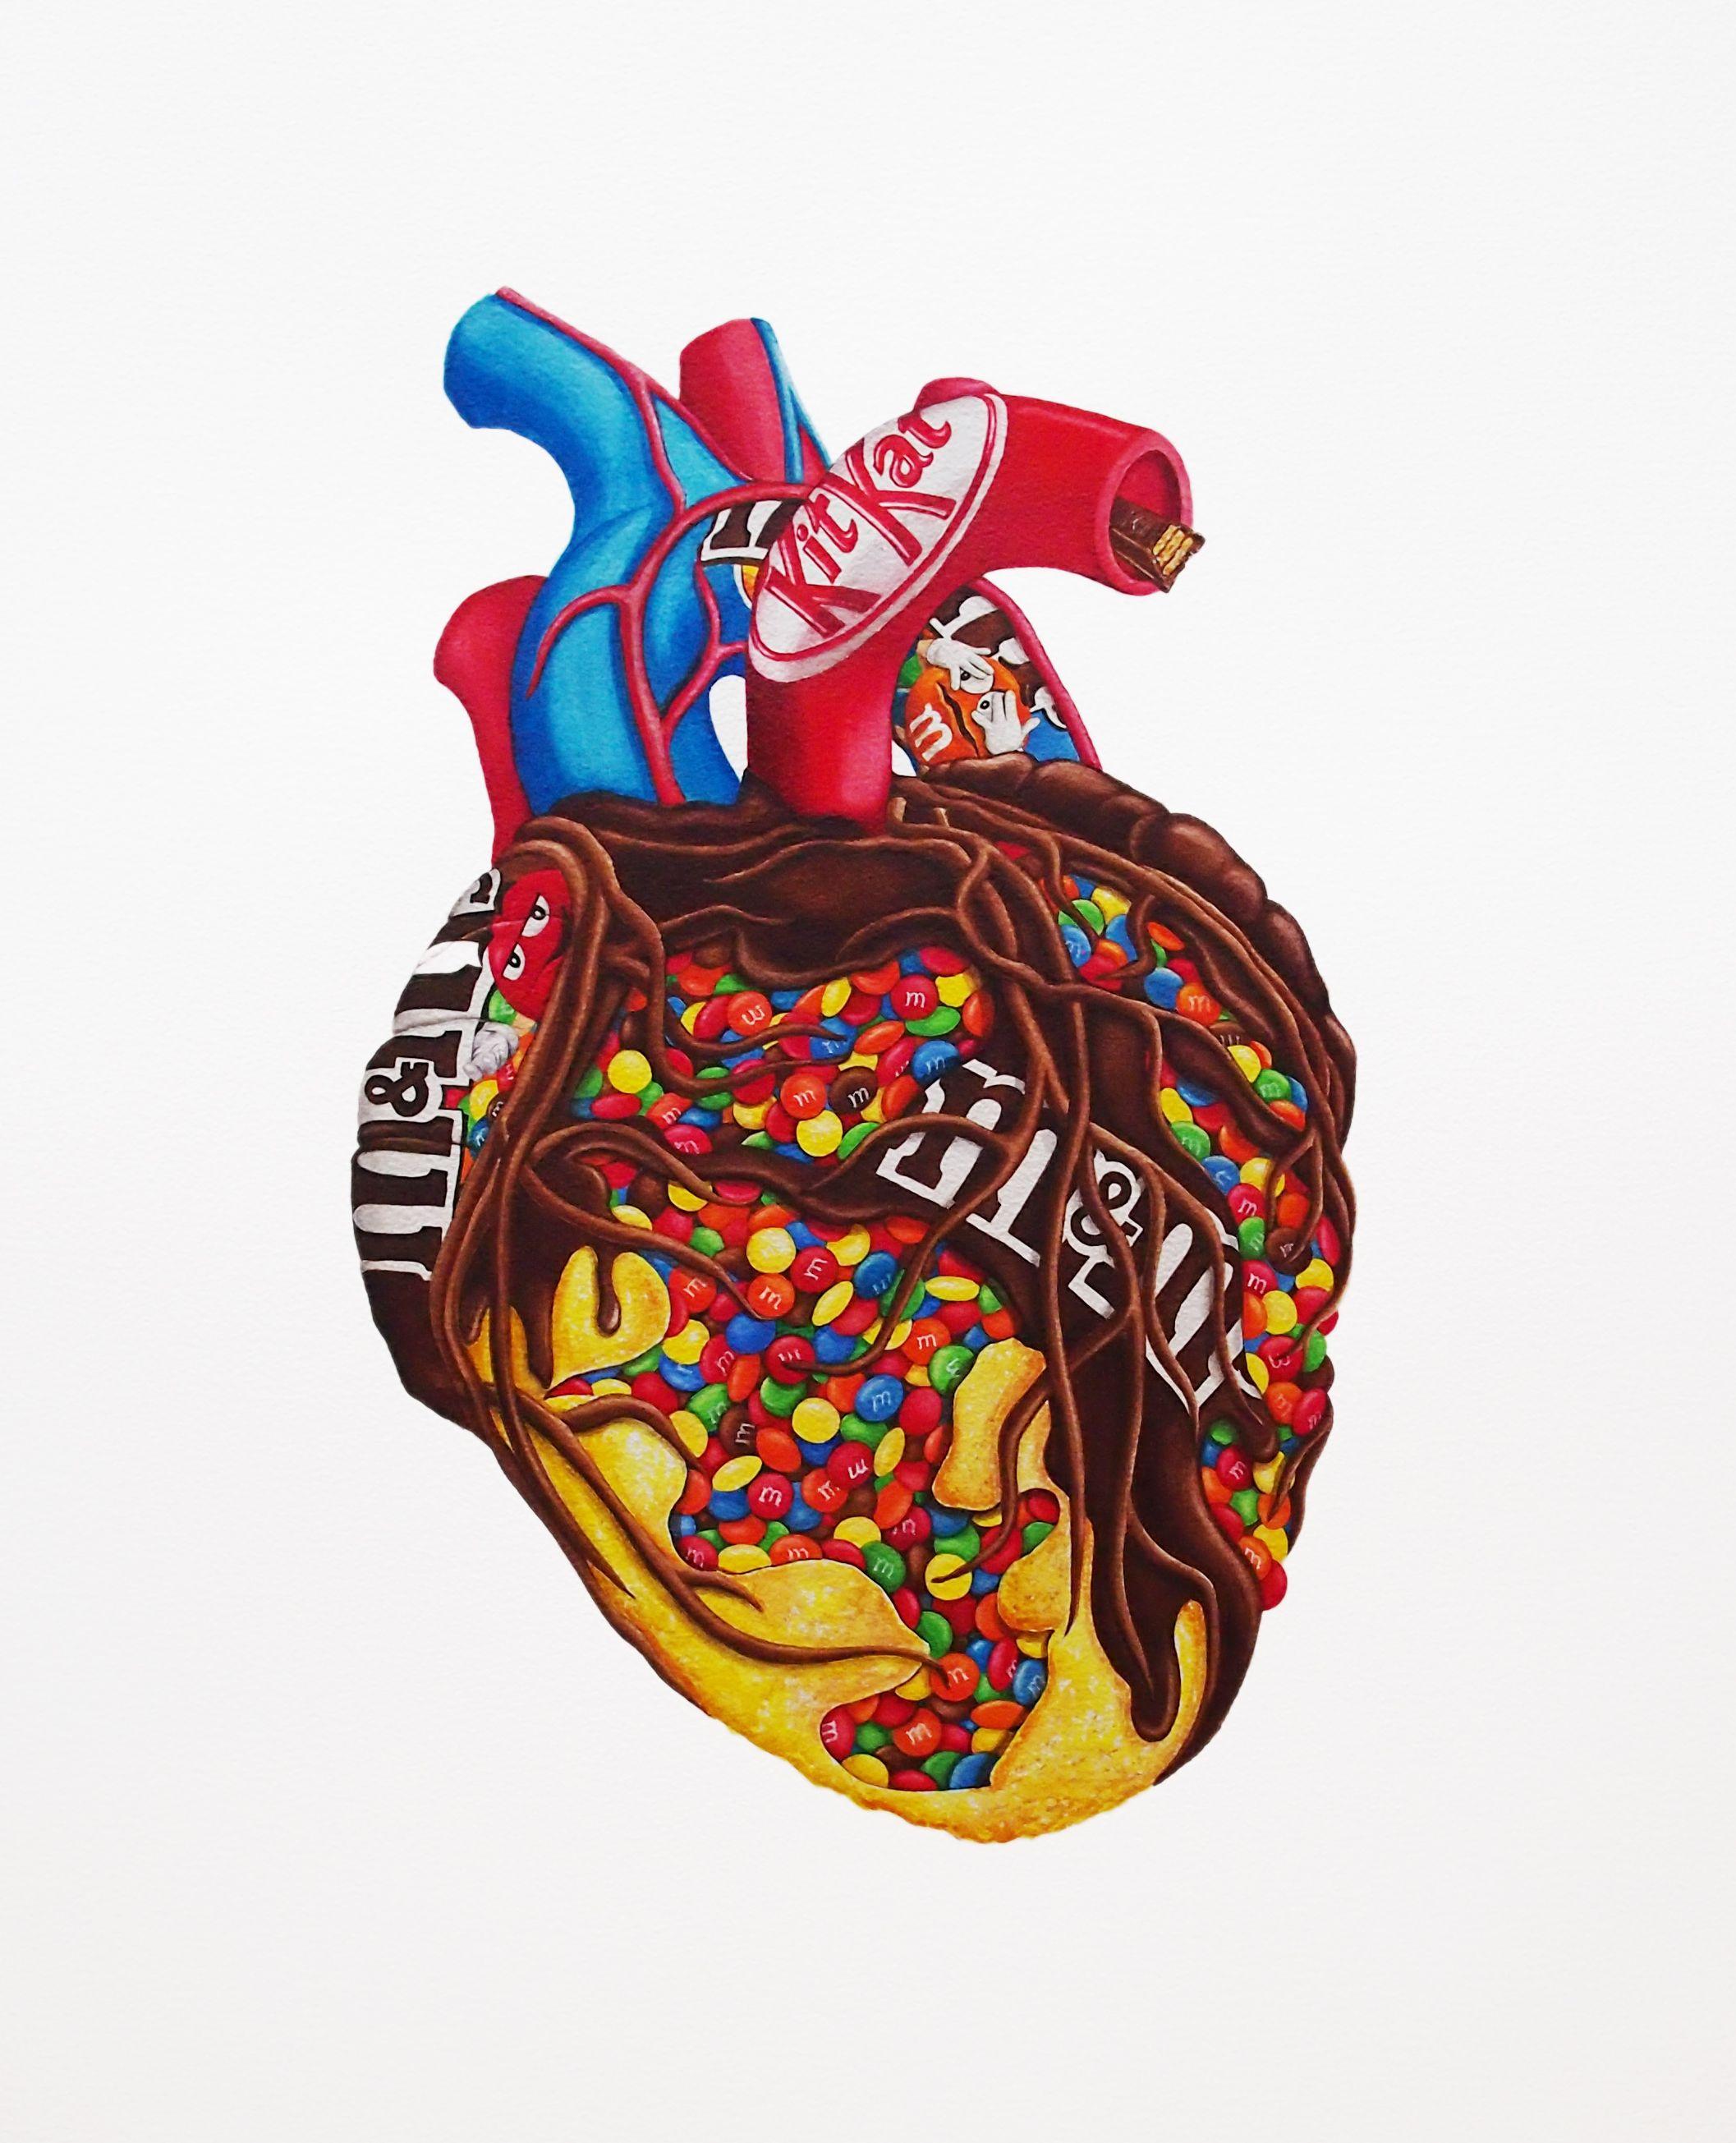 Pin by Carole Anne Jenkins on ARTSIE | Pinterest | Heart art ...